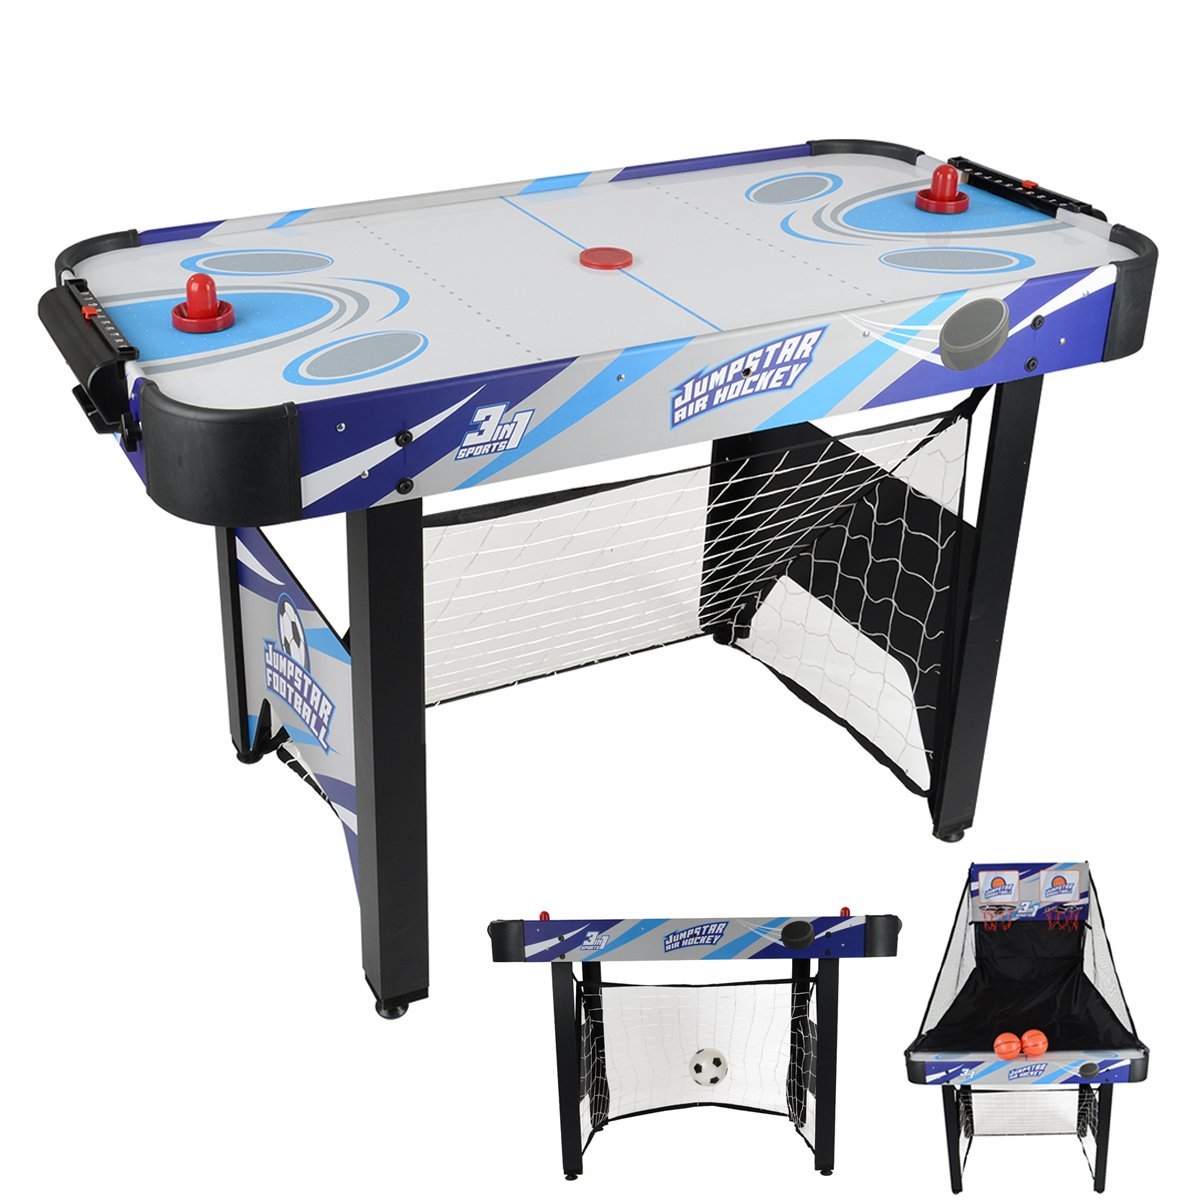 JumpStar 240V Kinder 3-In-1 Multi-Spiele Tischtennis Fußball